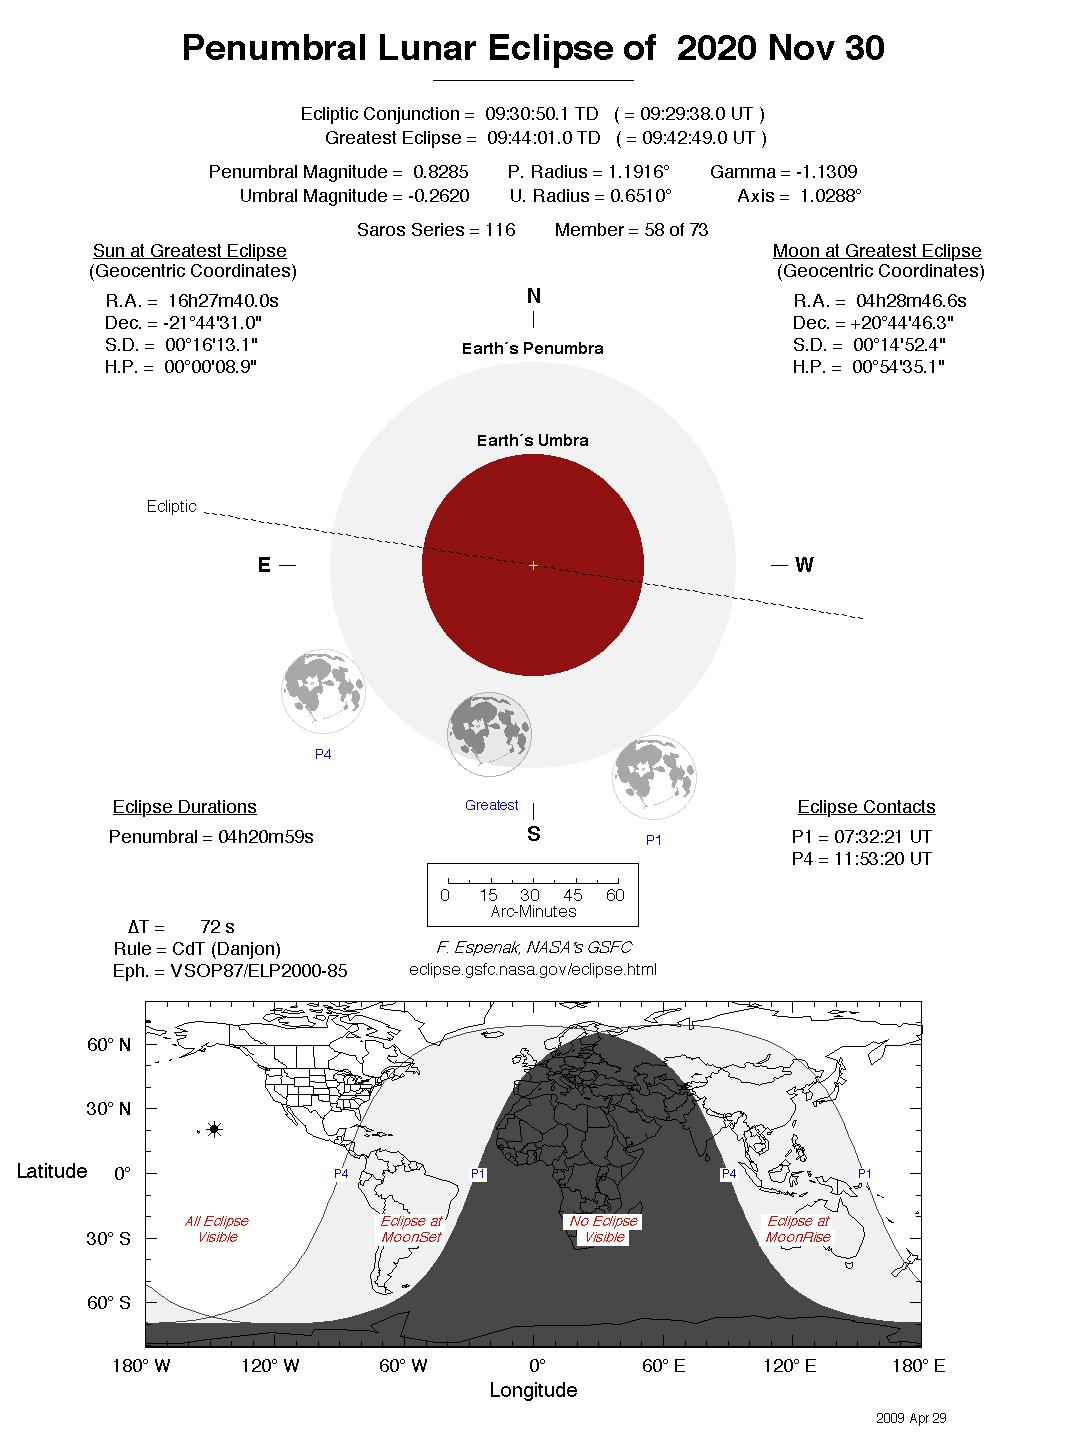 Un aperçu de l'éclipse lunaire de novembre 2020 de l'expert en éclipse Fred Espenak du Goddard Space Flight Research Center de la NASA.